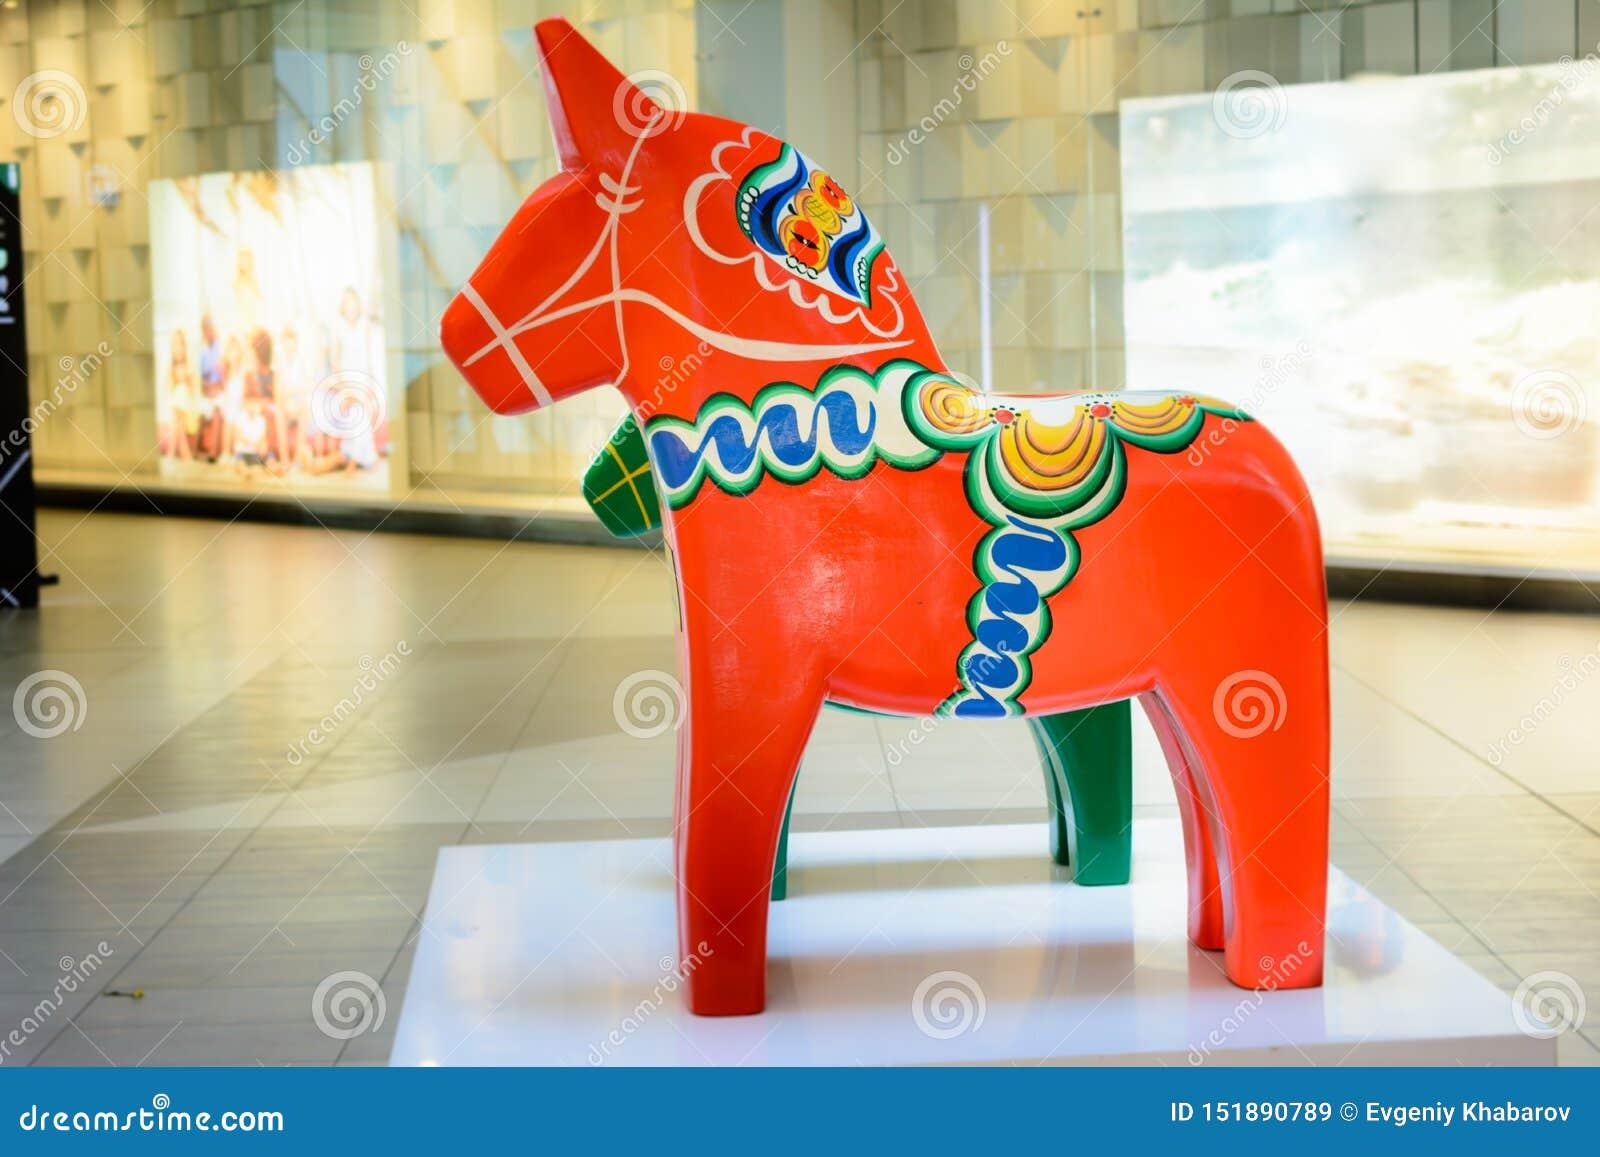 Caballo sueco grande rojo y verde de Dala El símbolo de madera tradicional del caballo de Dalecarlian de la provincia sueca de Da